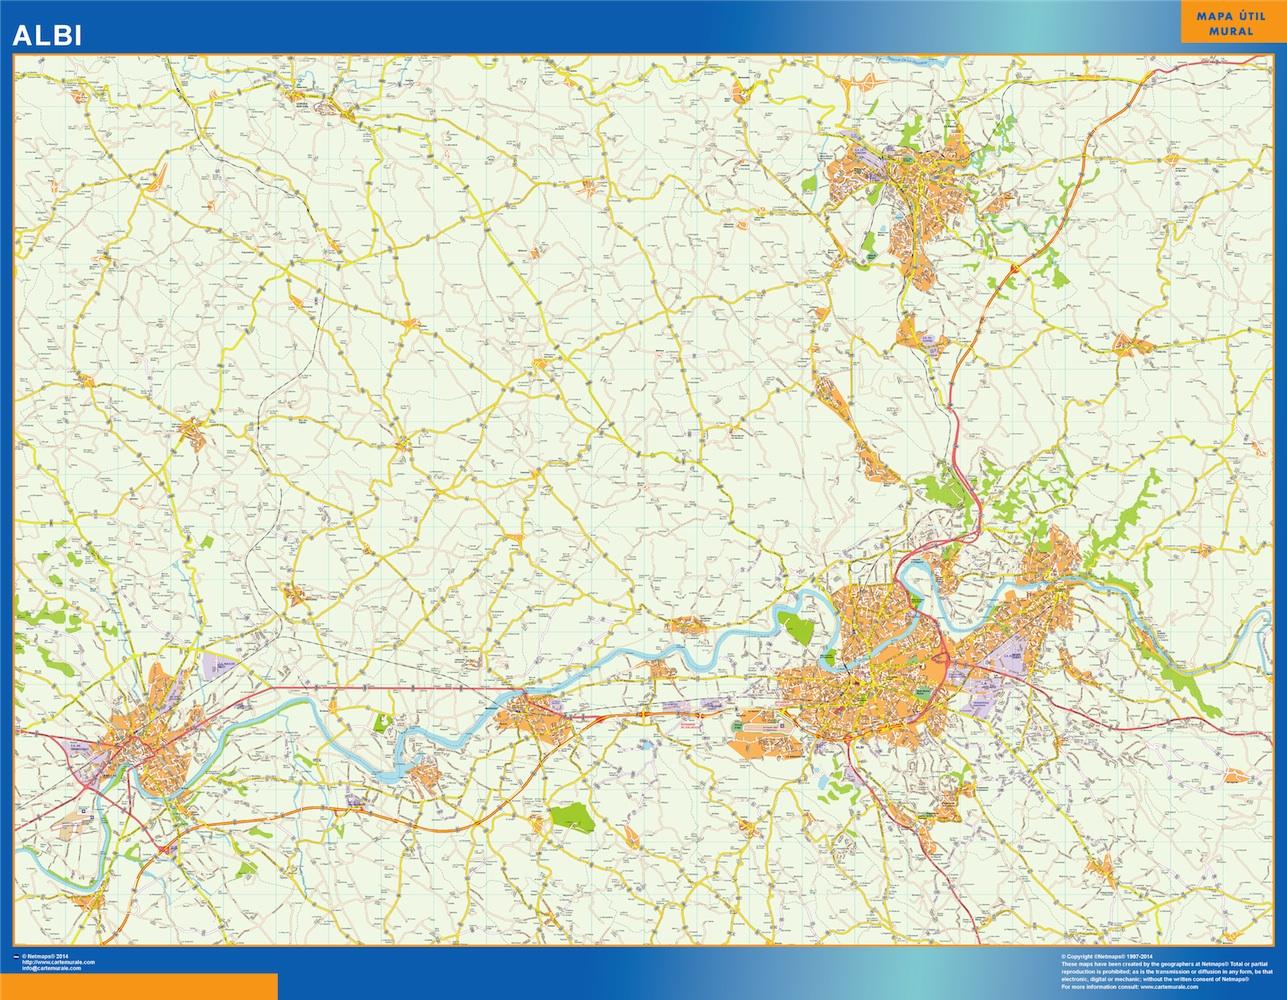 Mapa Albi en Francia plastificado gigante